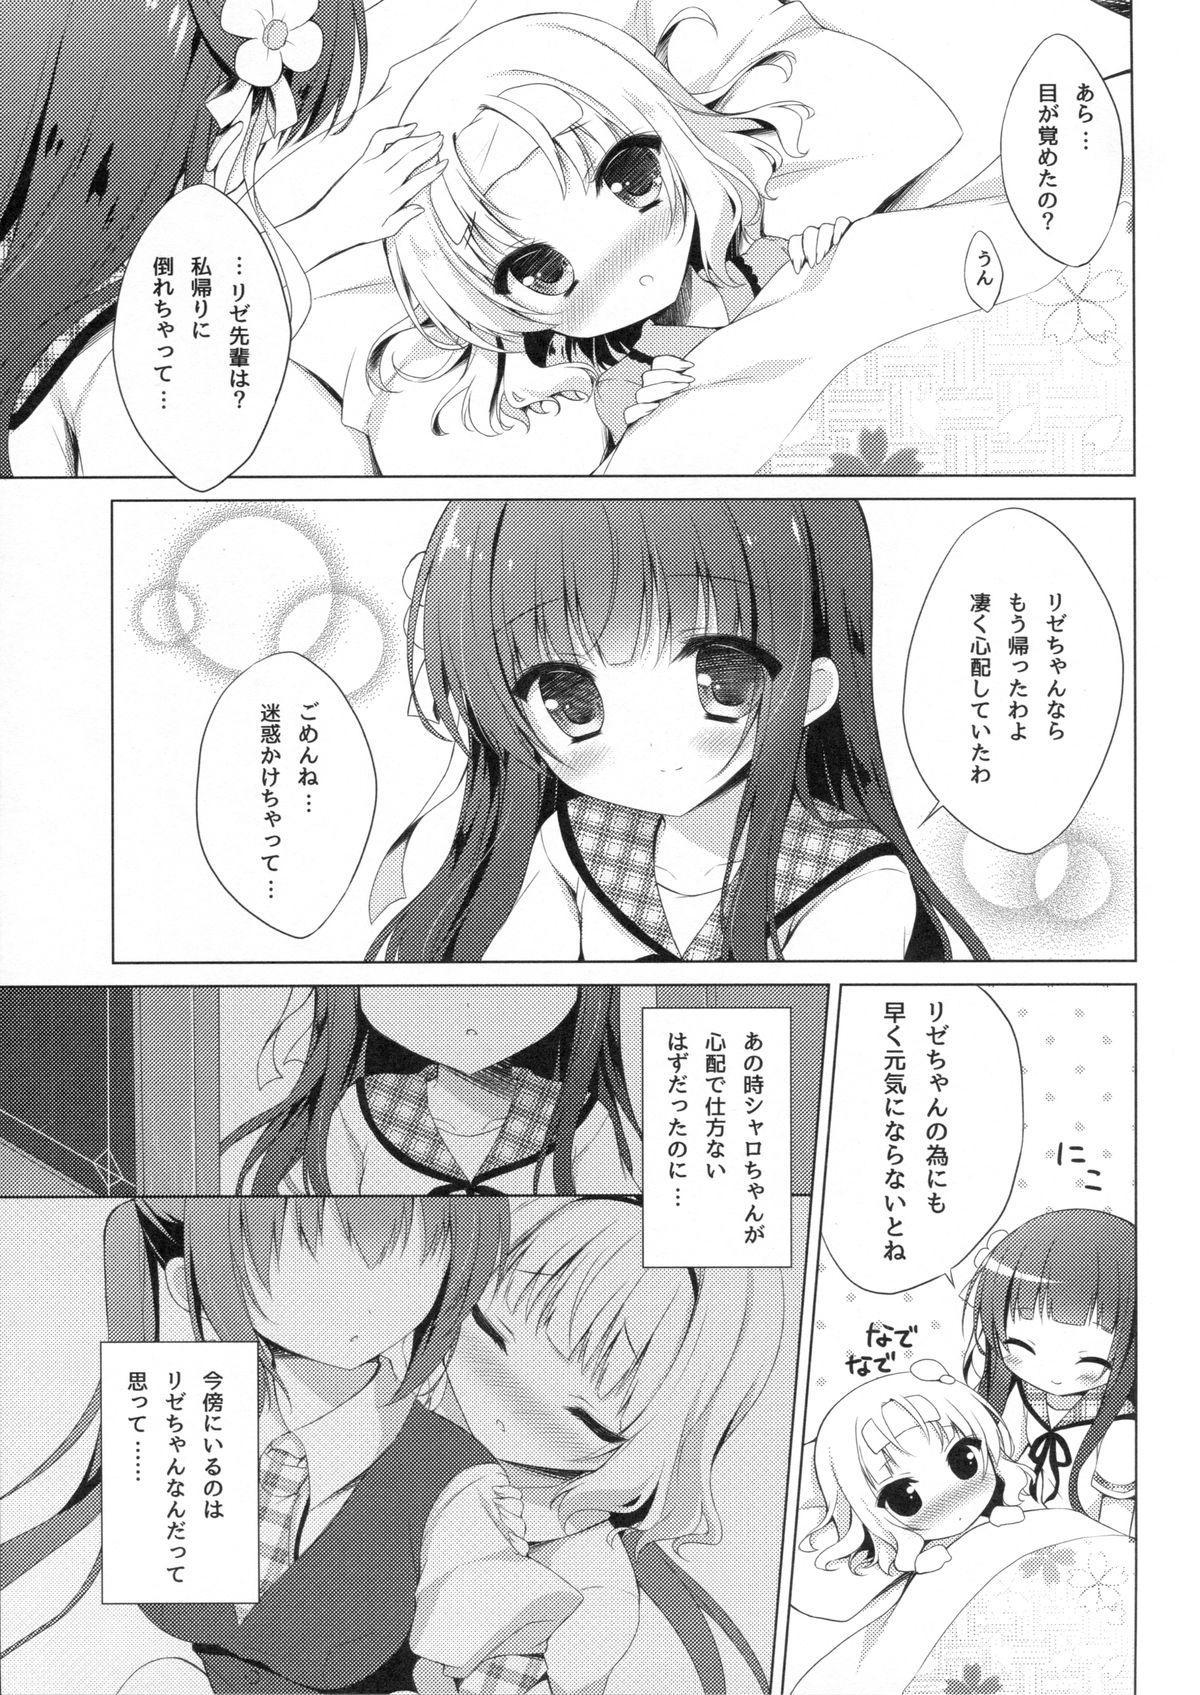 Gochuumon wa Kataomoi desu ka? 8